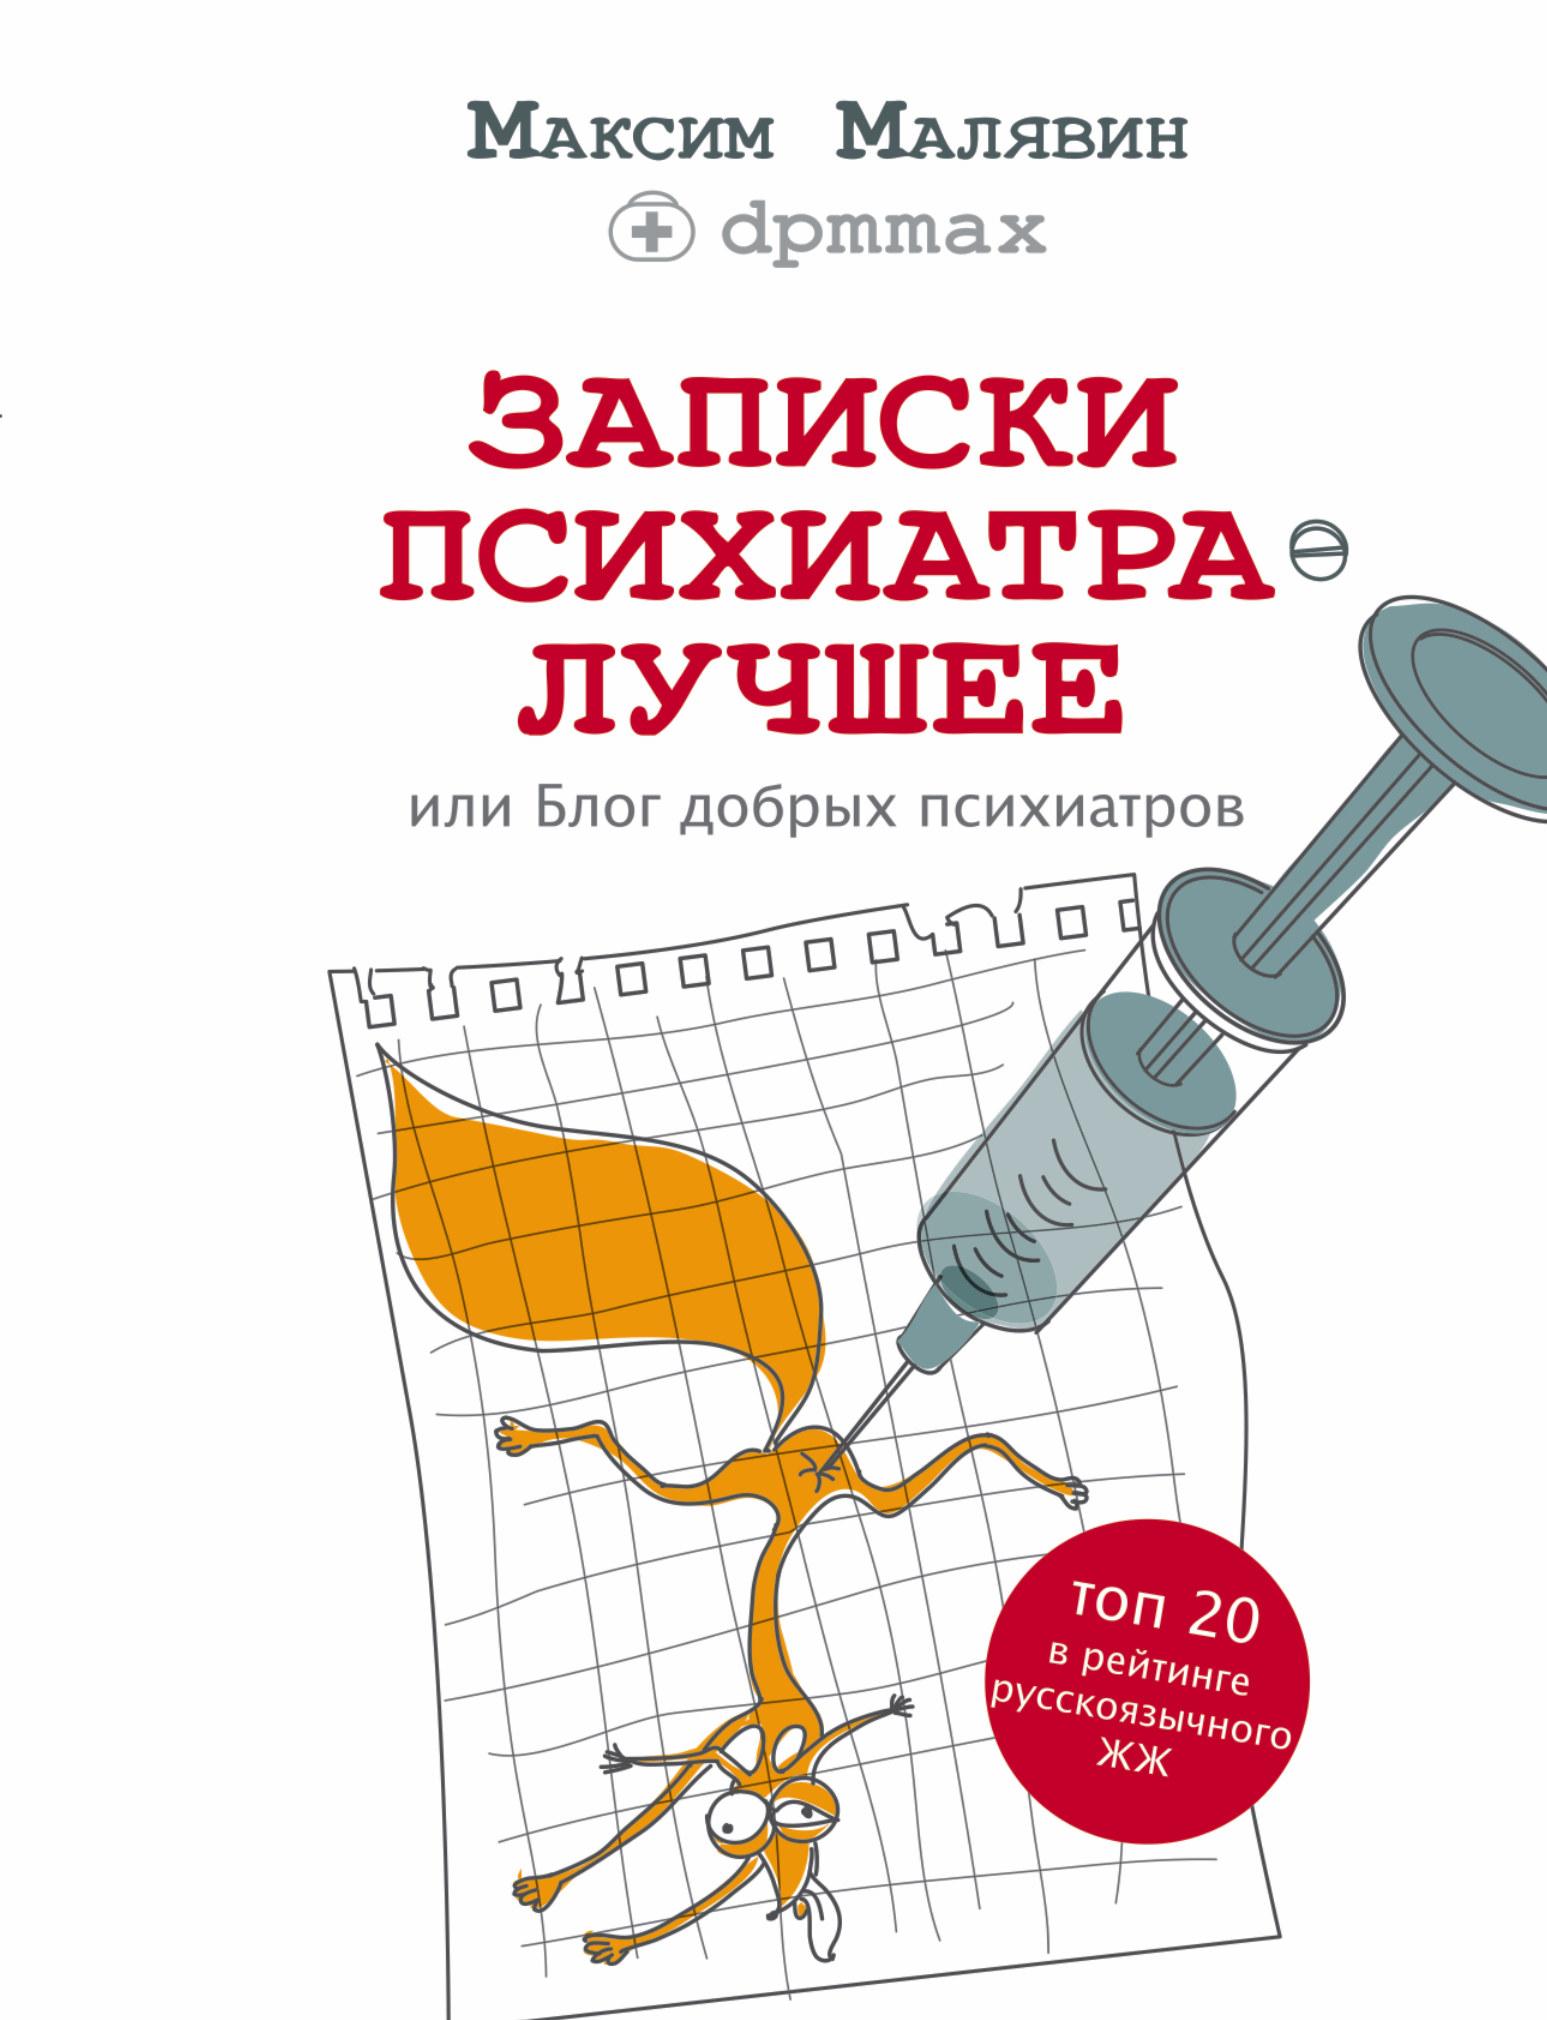 Записки психиатра. Лучшее, или Блог добрых психиатров от book24.ru